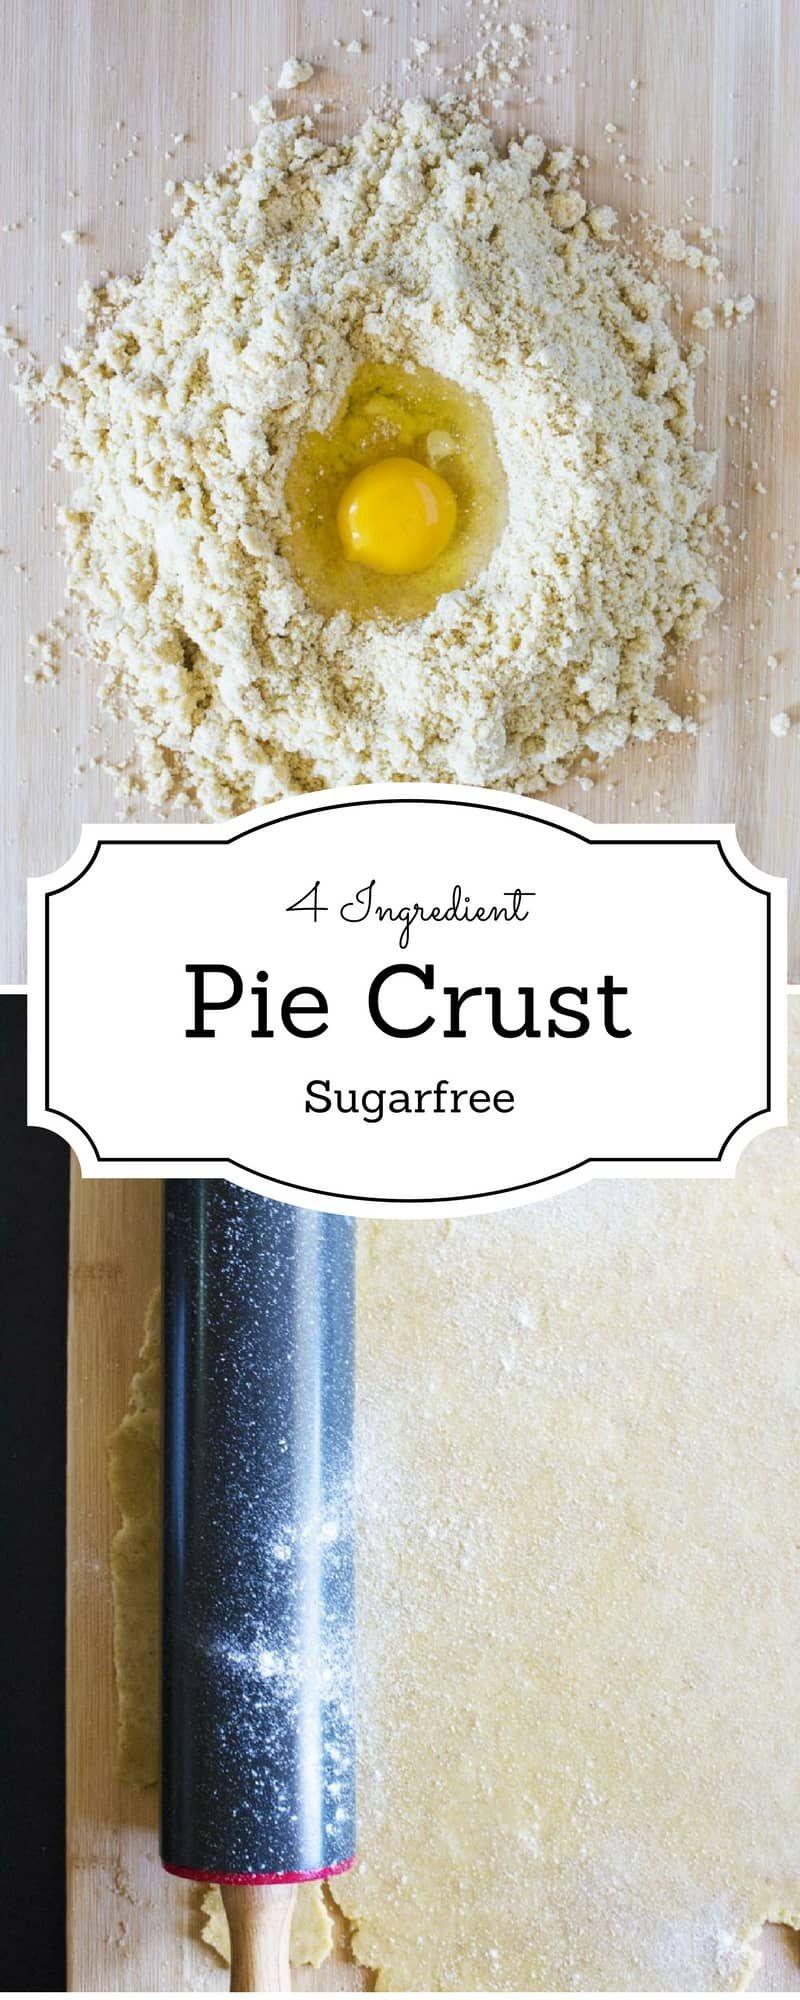 Bulletproof DIY Pie Crust - Broke foodies